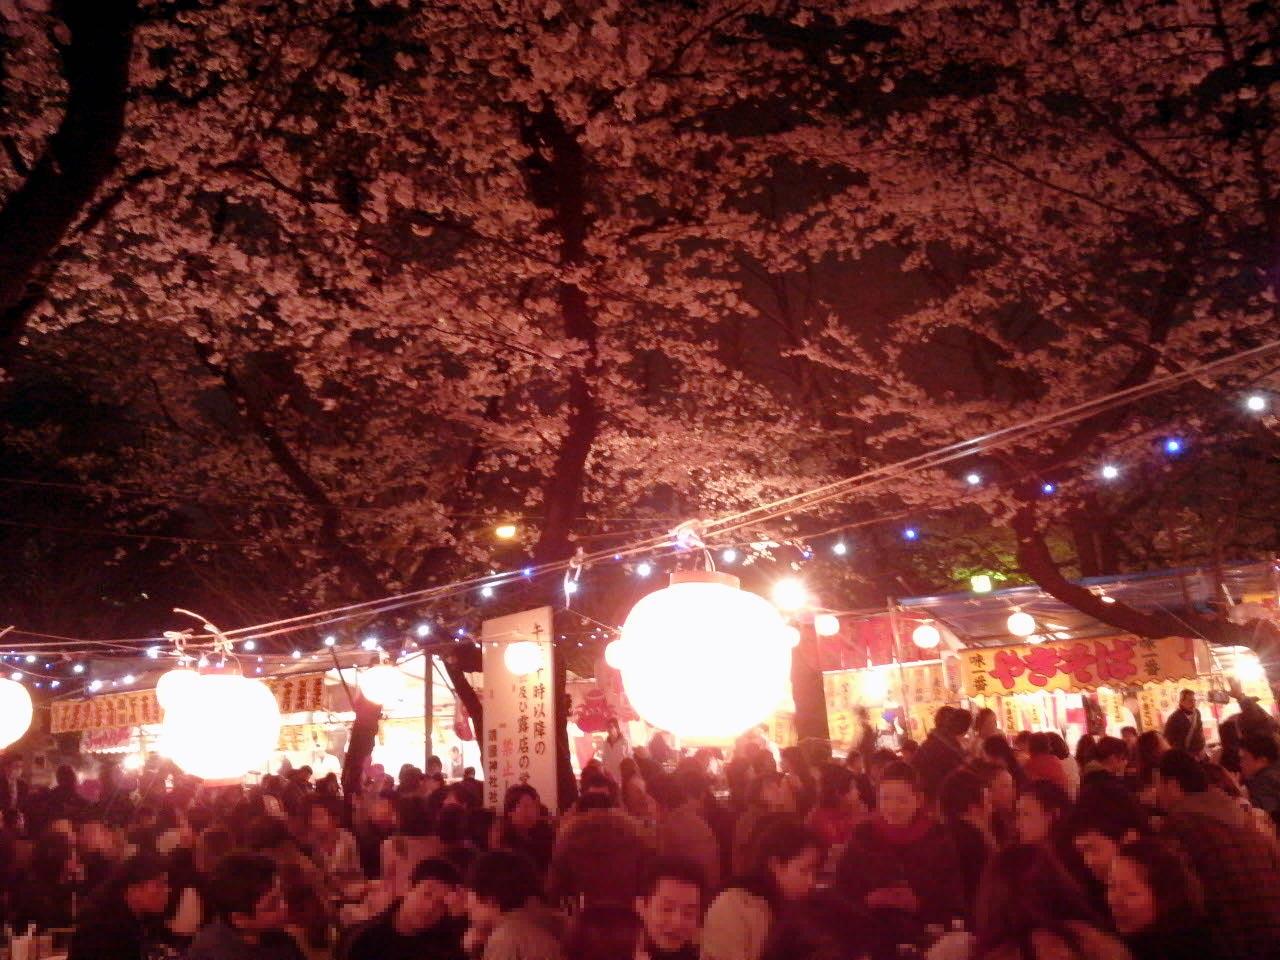 靖国神社桜まつり2018の日程!見頃や桜の種類は?屋台情報も!